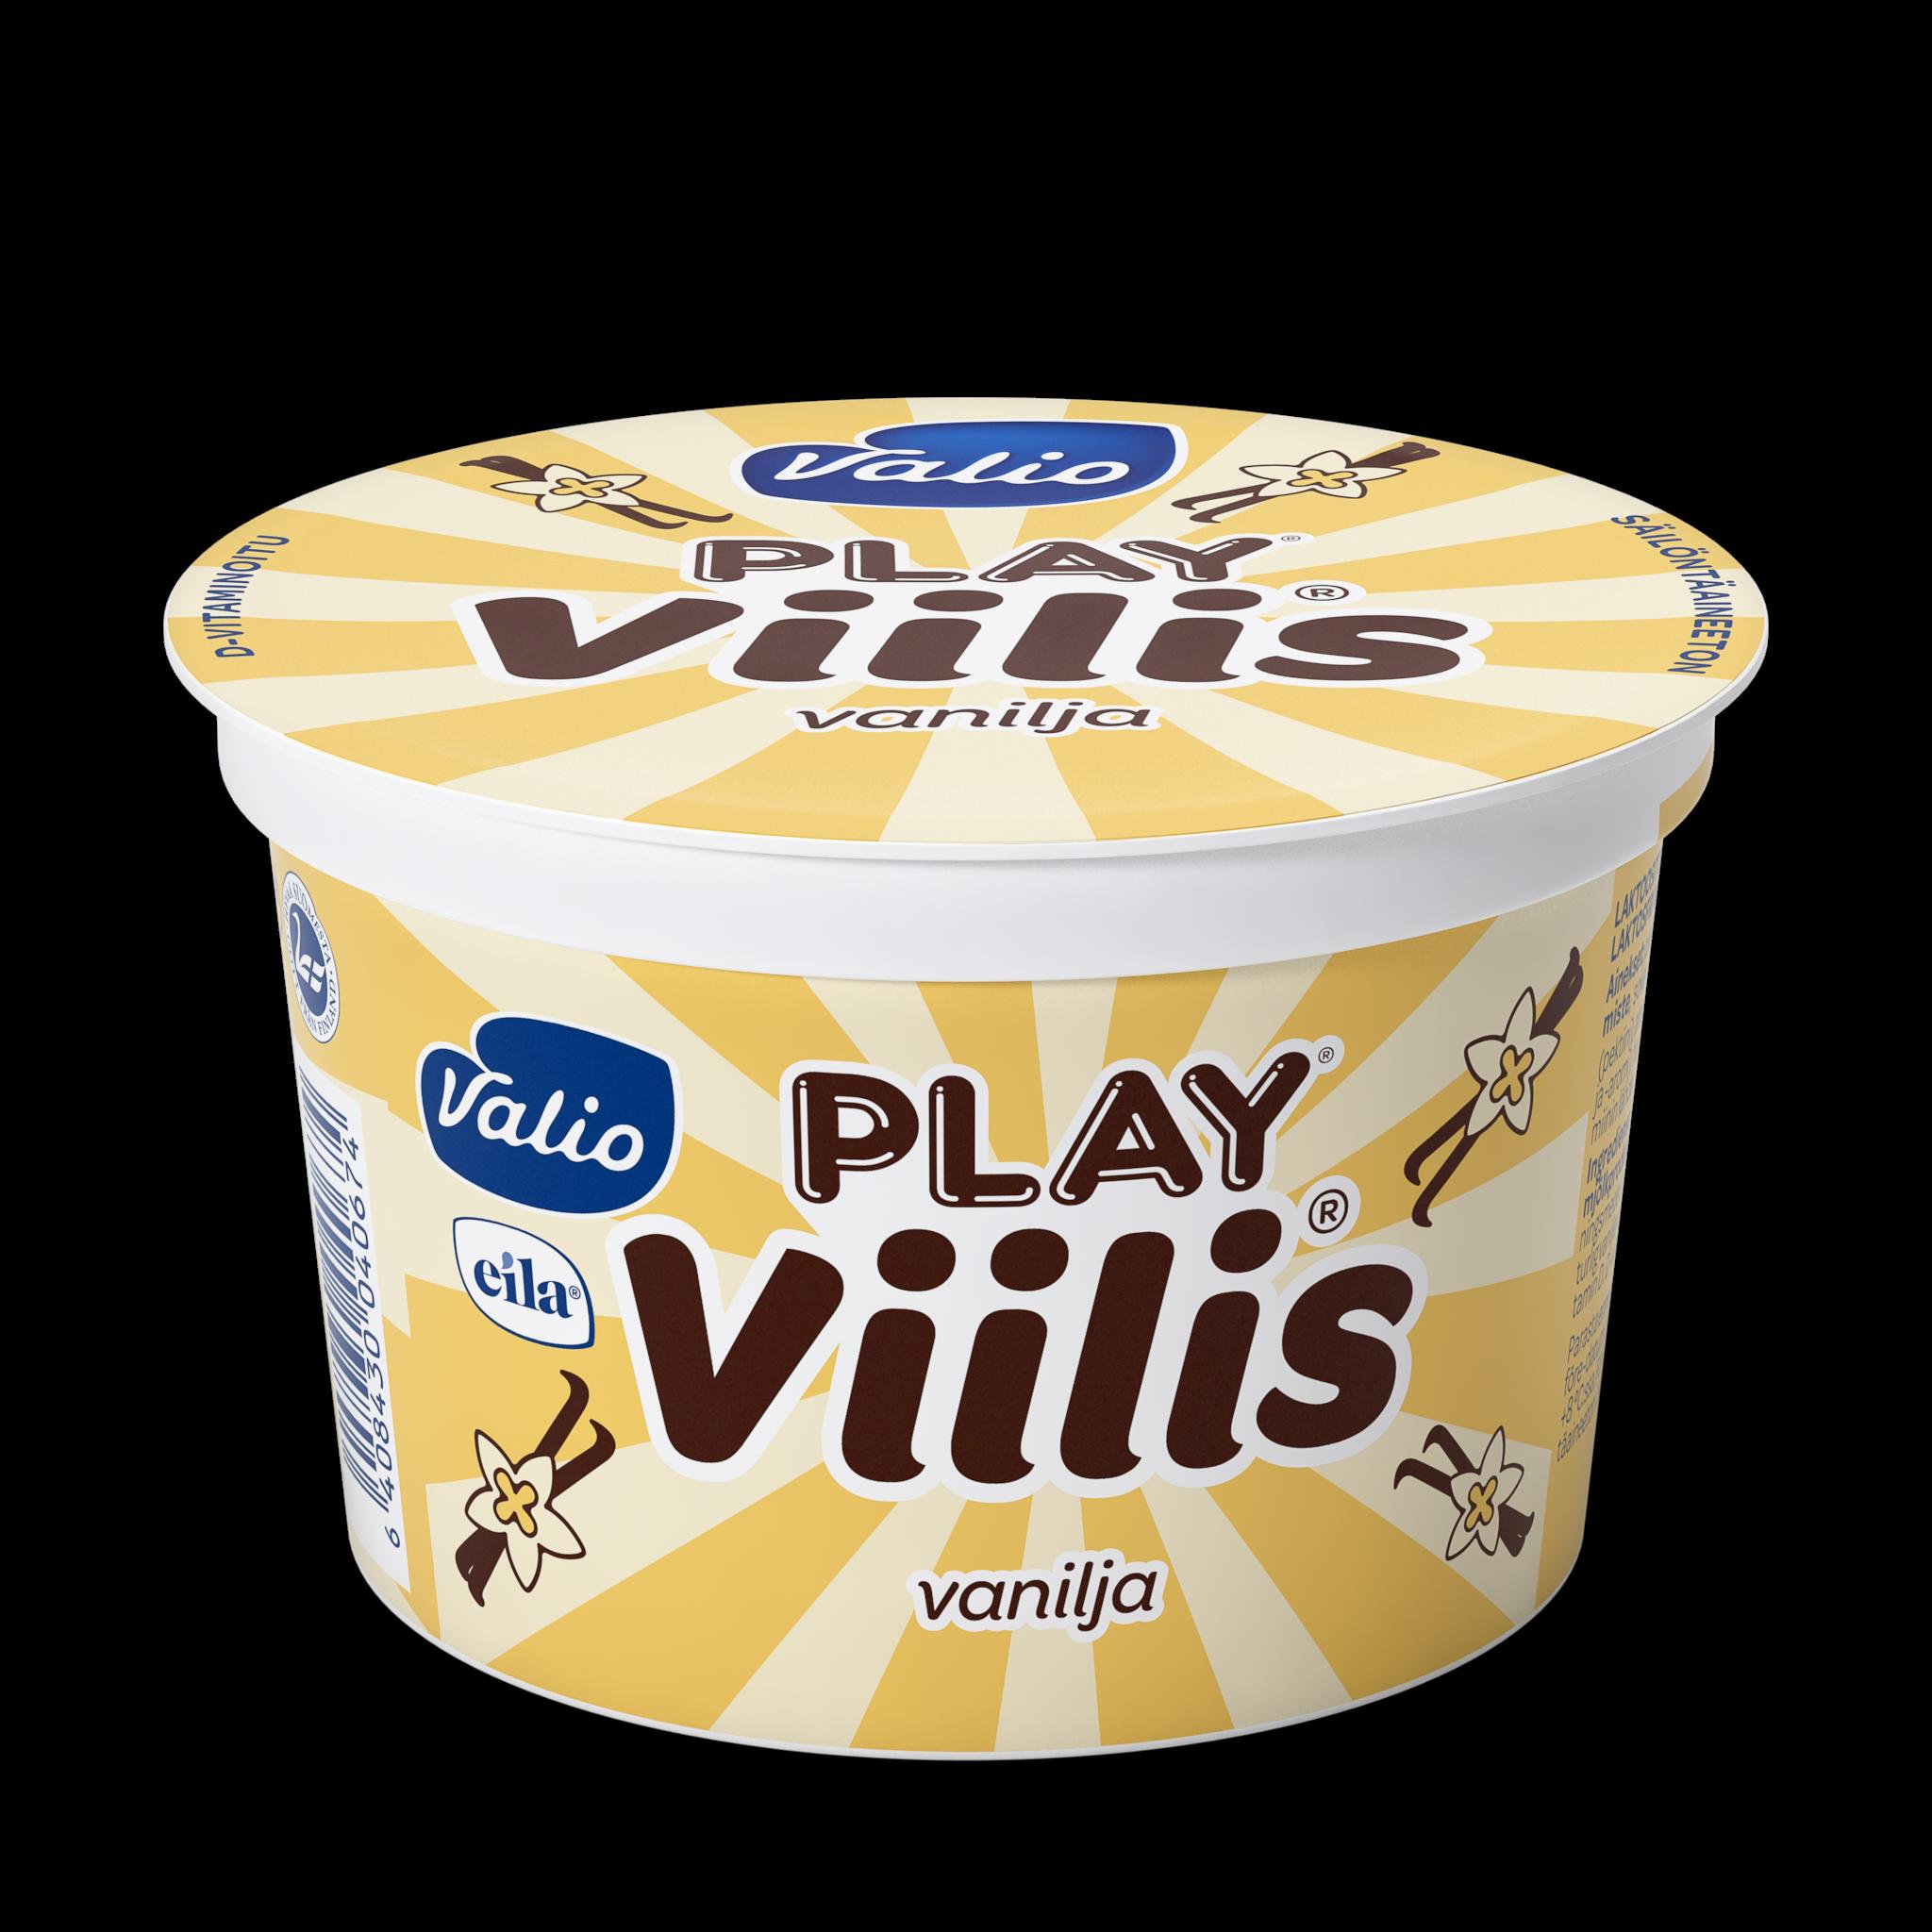 Valio Play® viilis® vanilja laktoositon